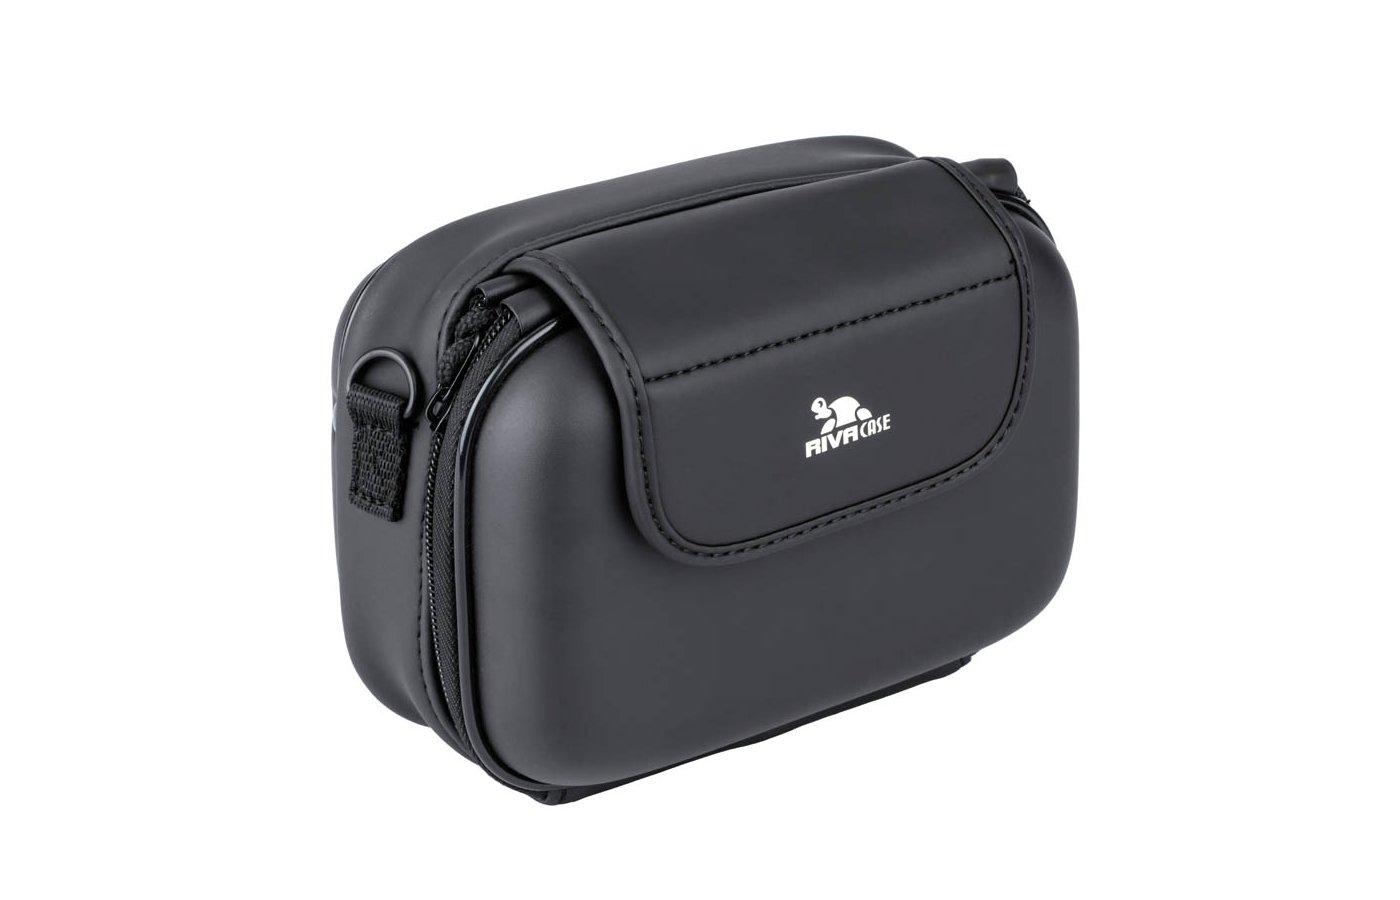 Сумка для видеокамеры Riva Case 7050